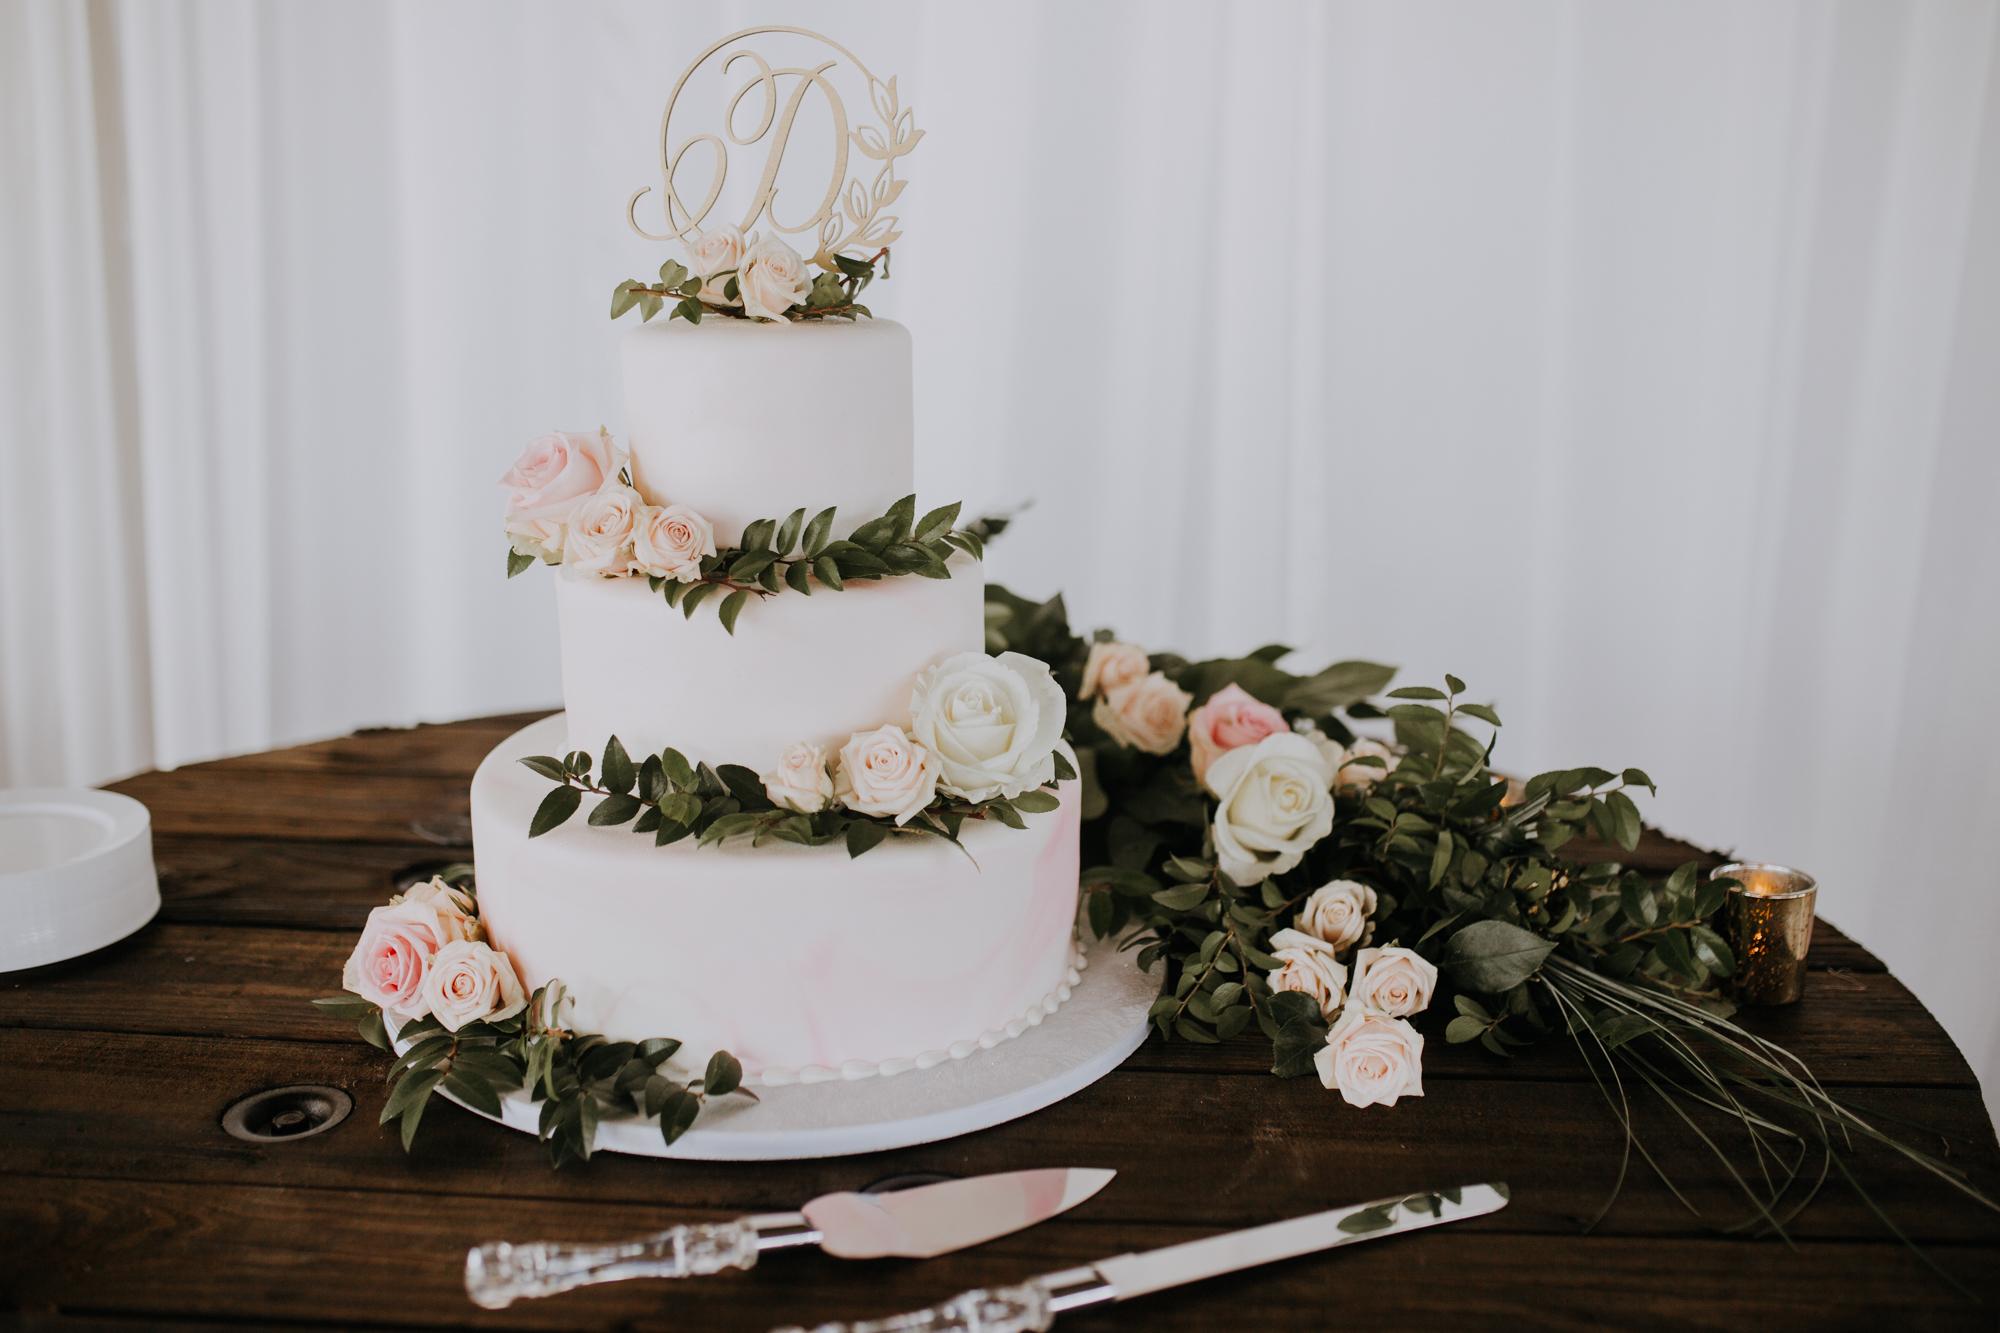 elegant boho wedding cake | elegant white and gold cake | elegant pink and gold wedding cake | boho reception | outdoor Florida wedding